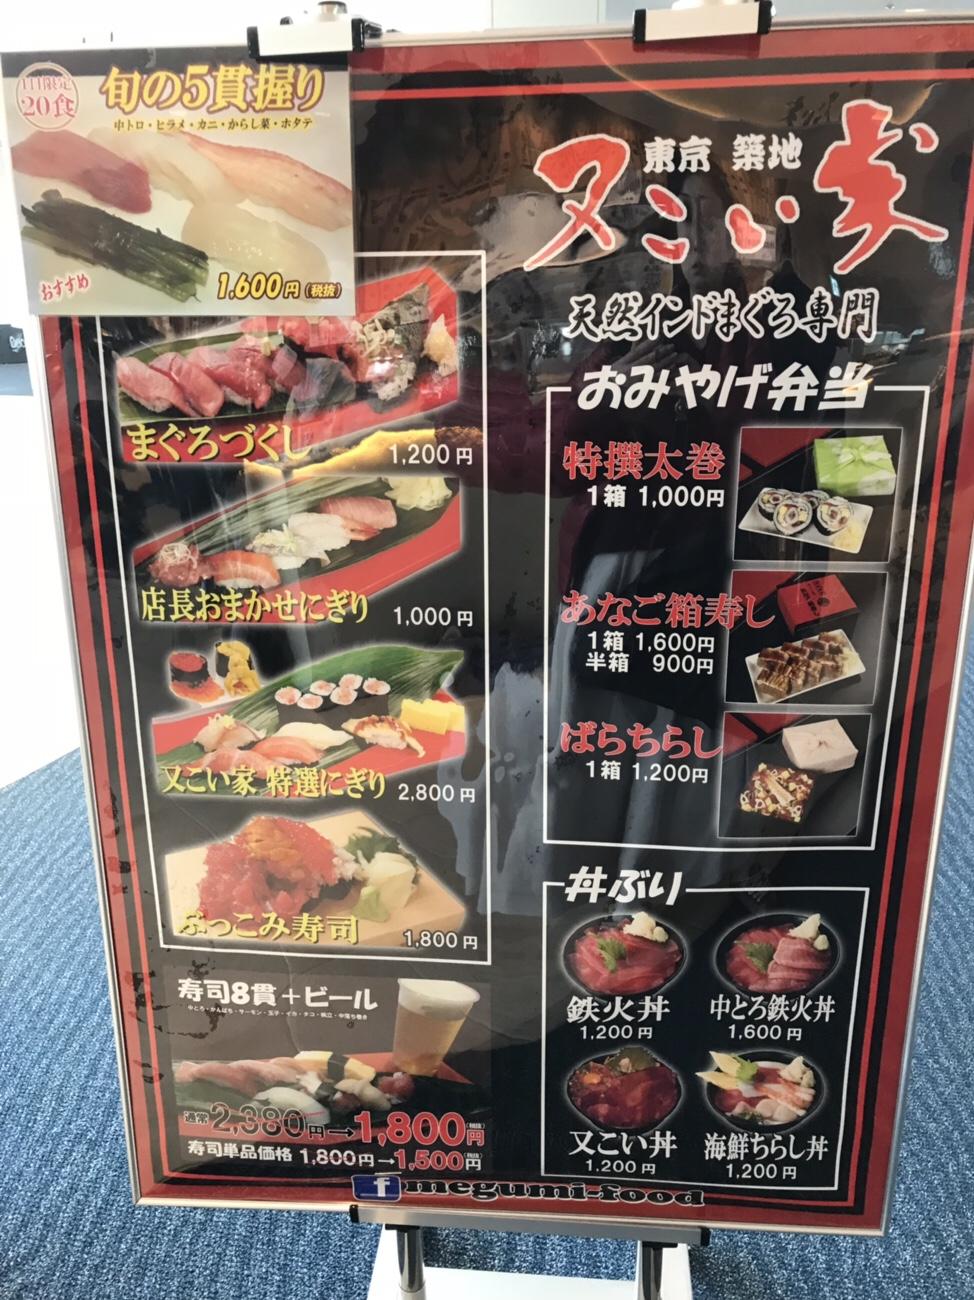 羽田空港食事 第二旅客ターミナル食事